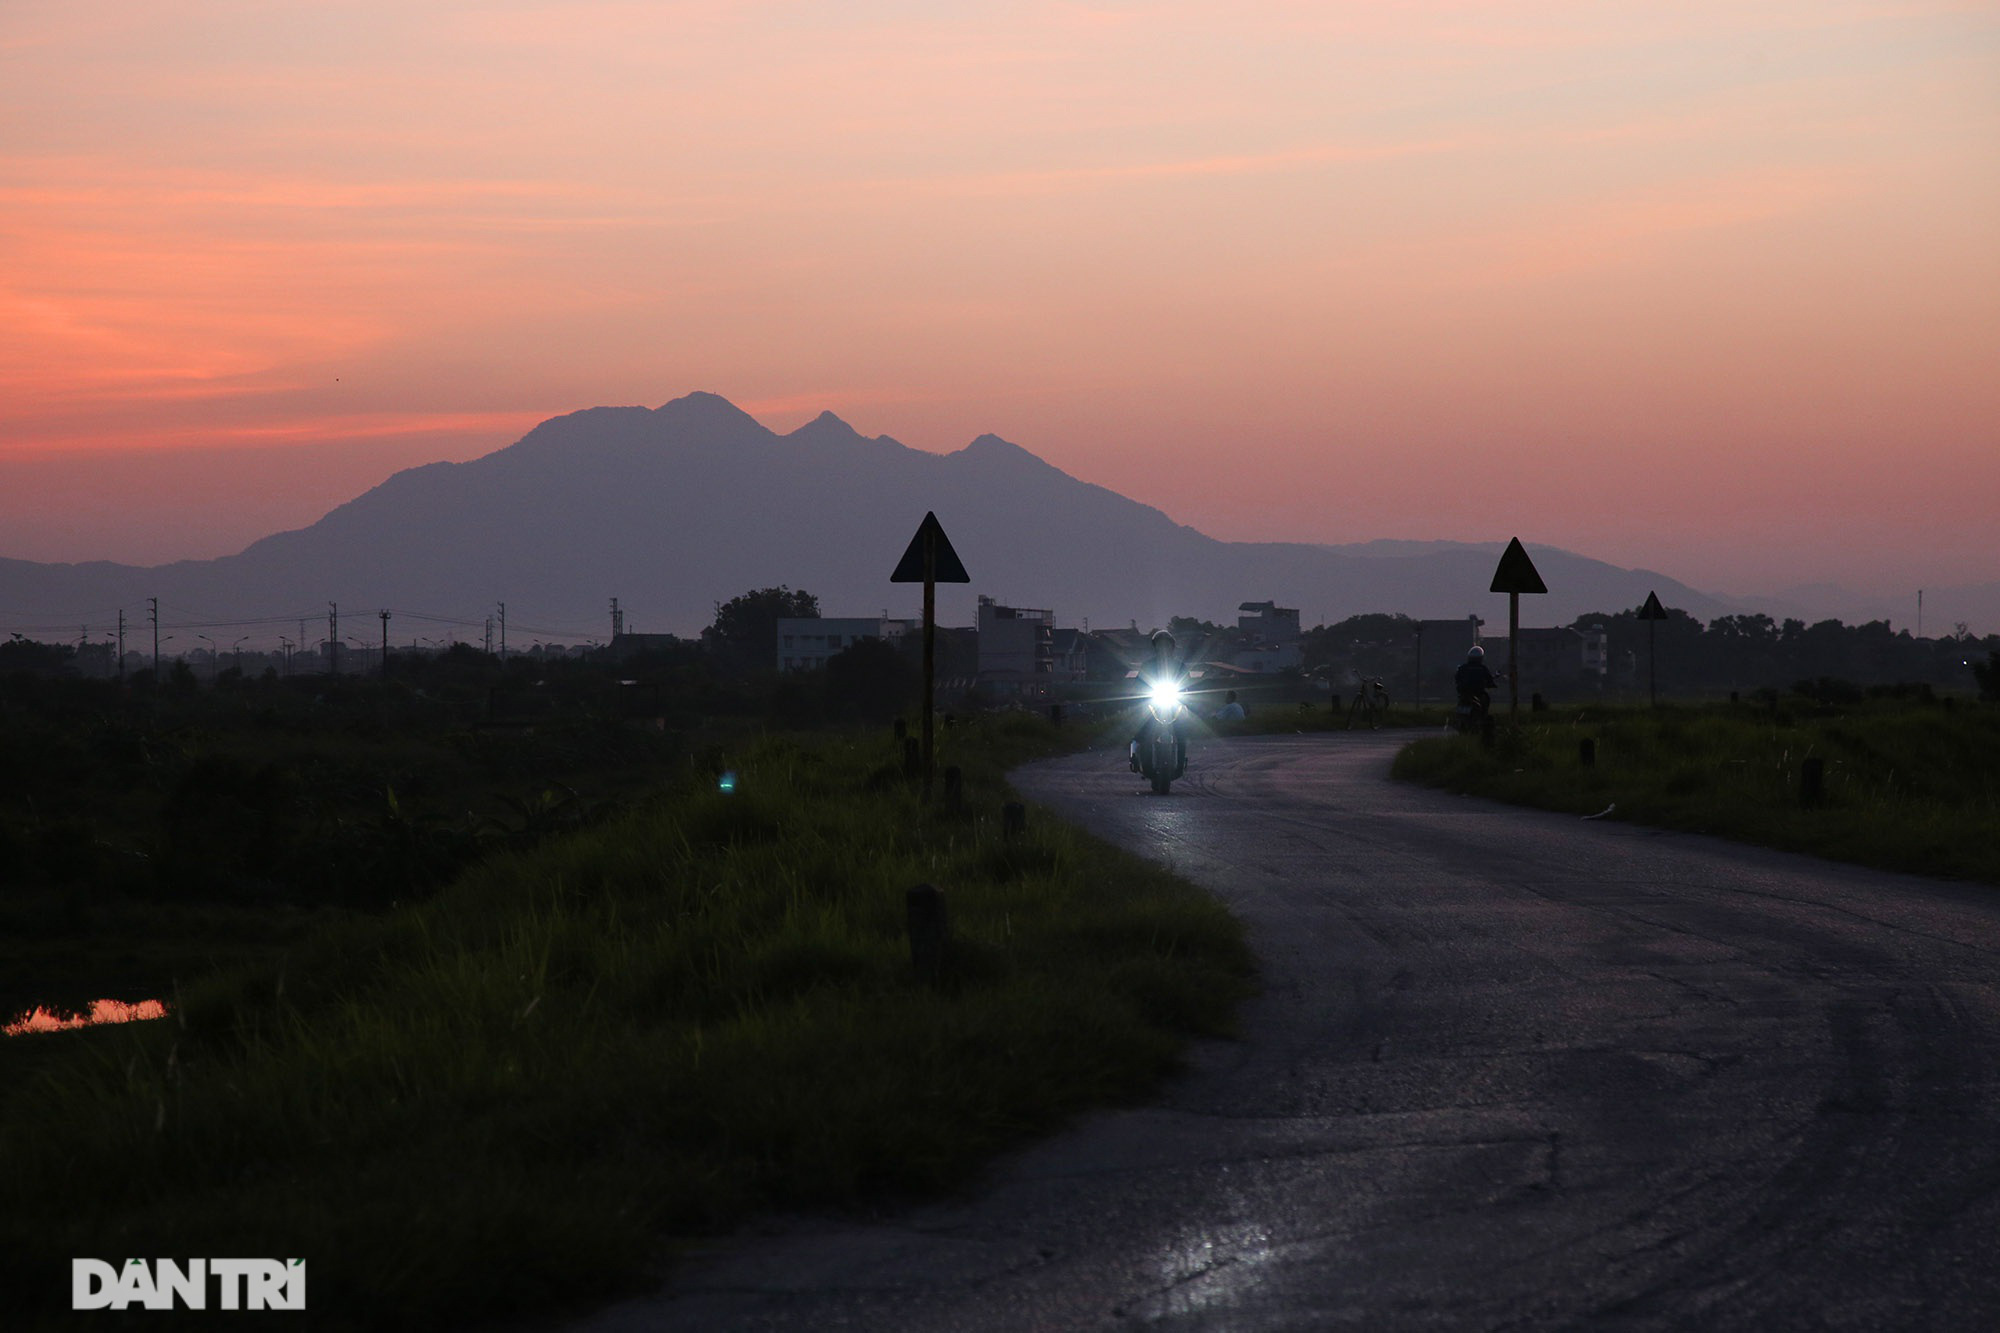 Núi thiêng gần Hà Nội đẹp mê mải nhìn từ muôn phương tám hướng - Ảnh 7.